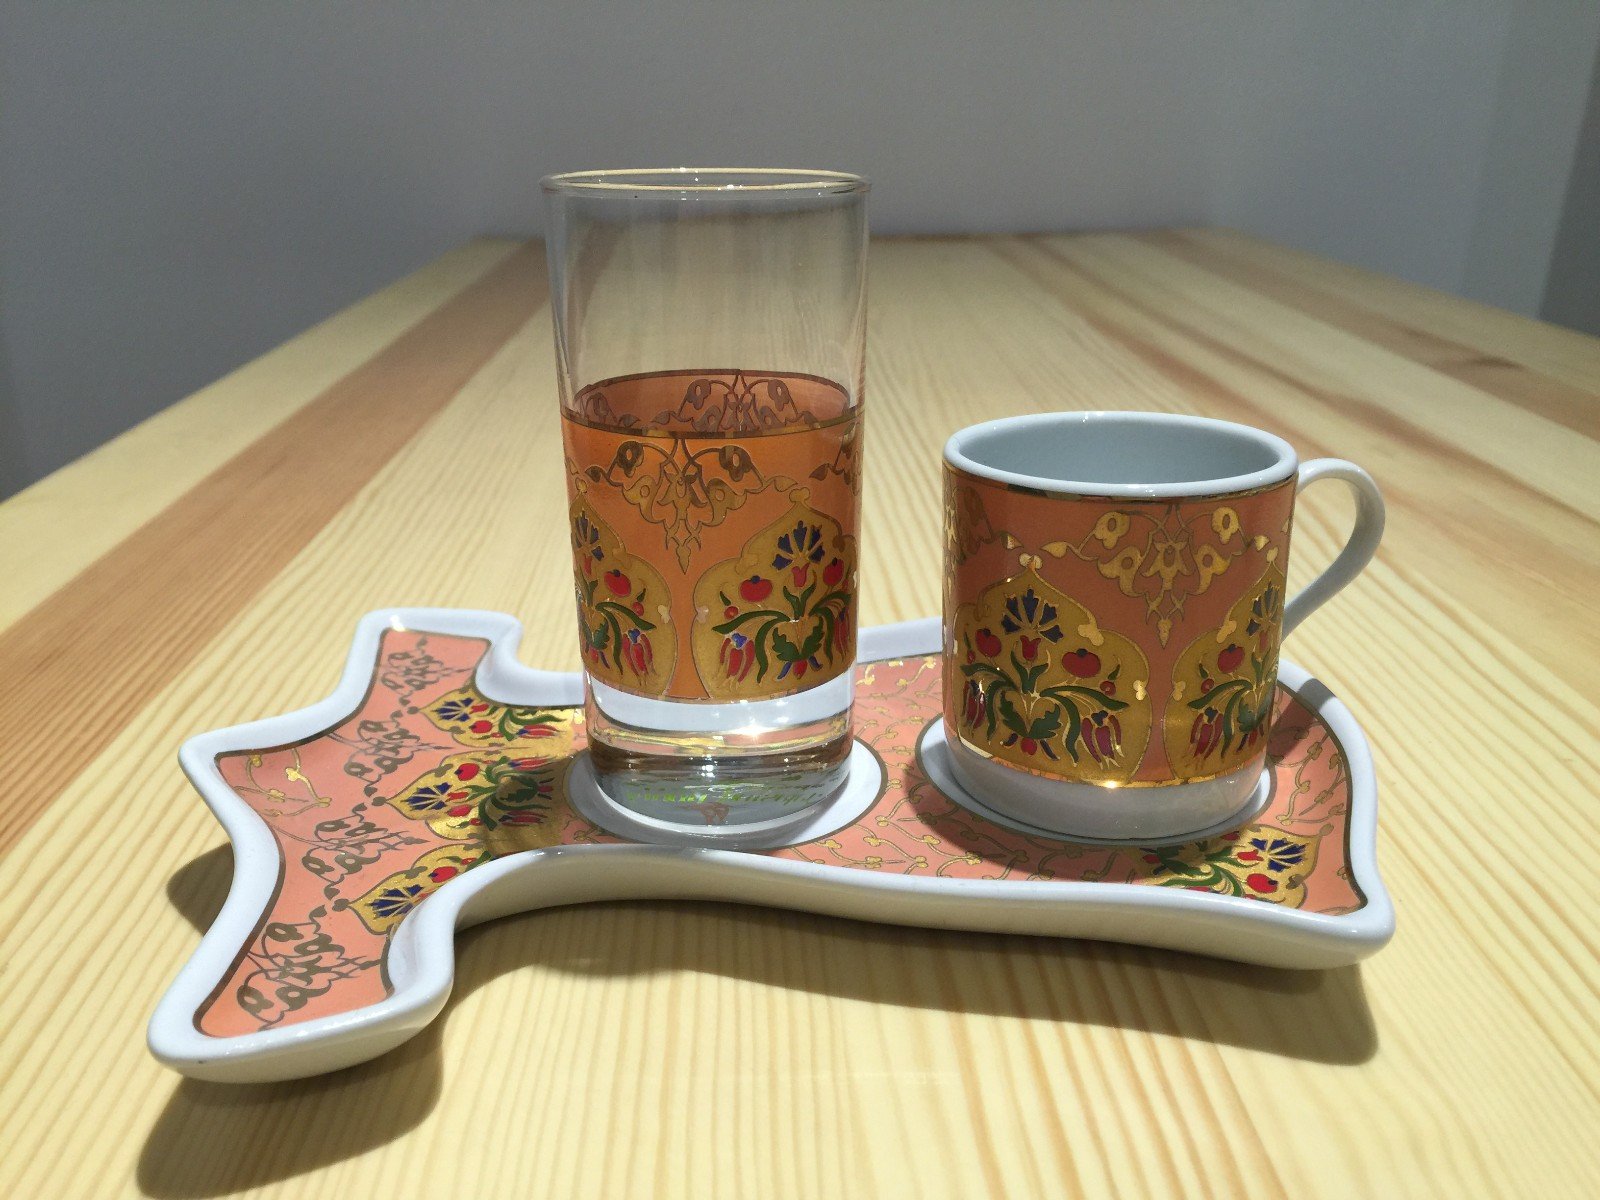 土耳其精品陶艺工艺品 家装摆件 咖啡杯图片六